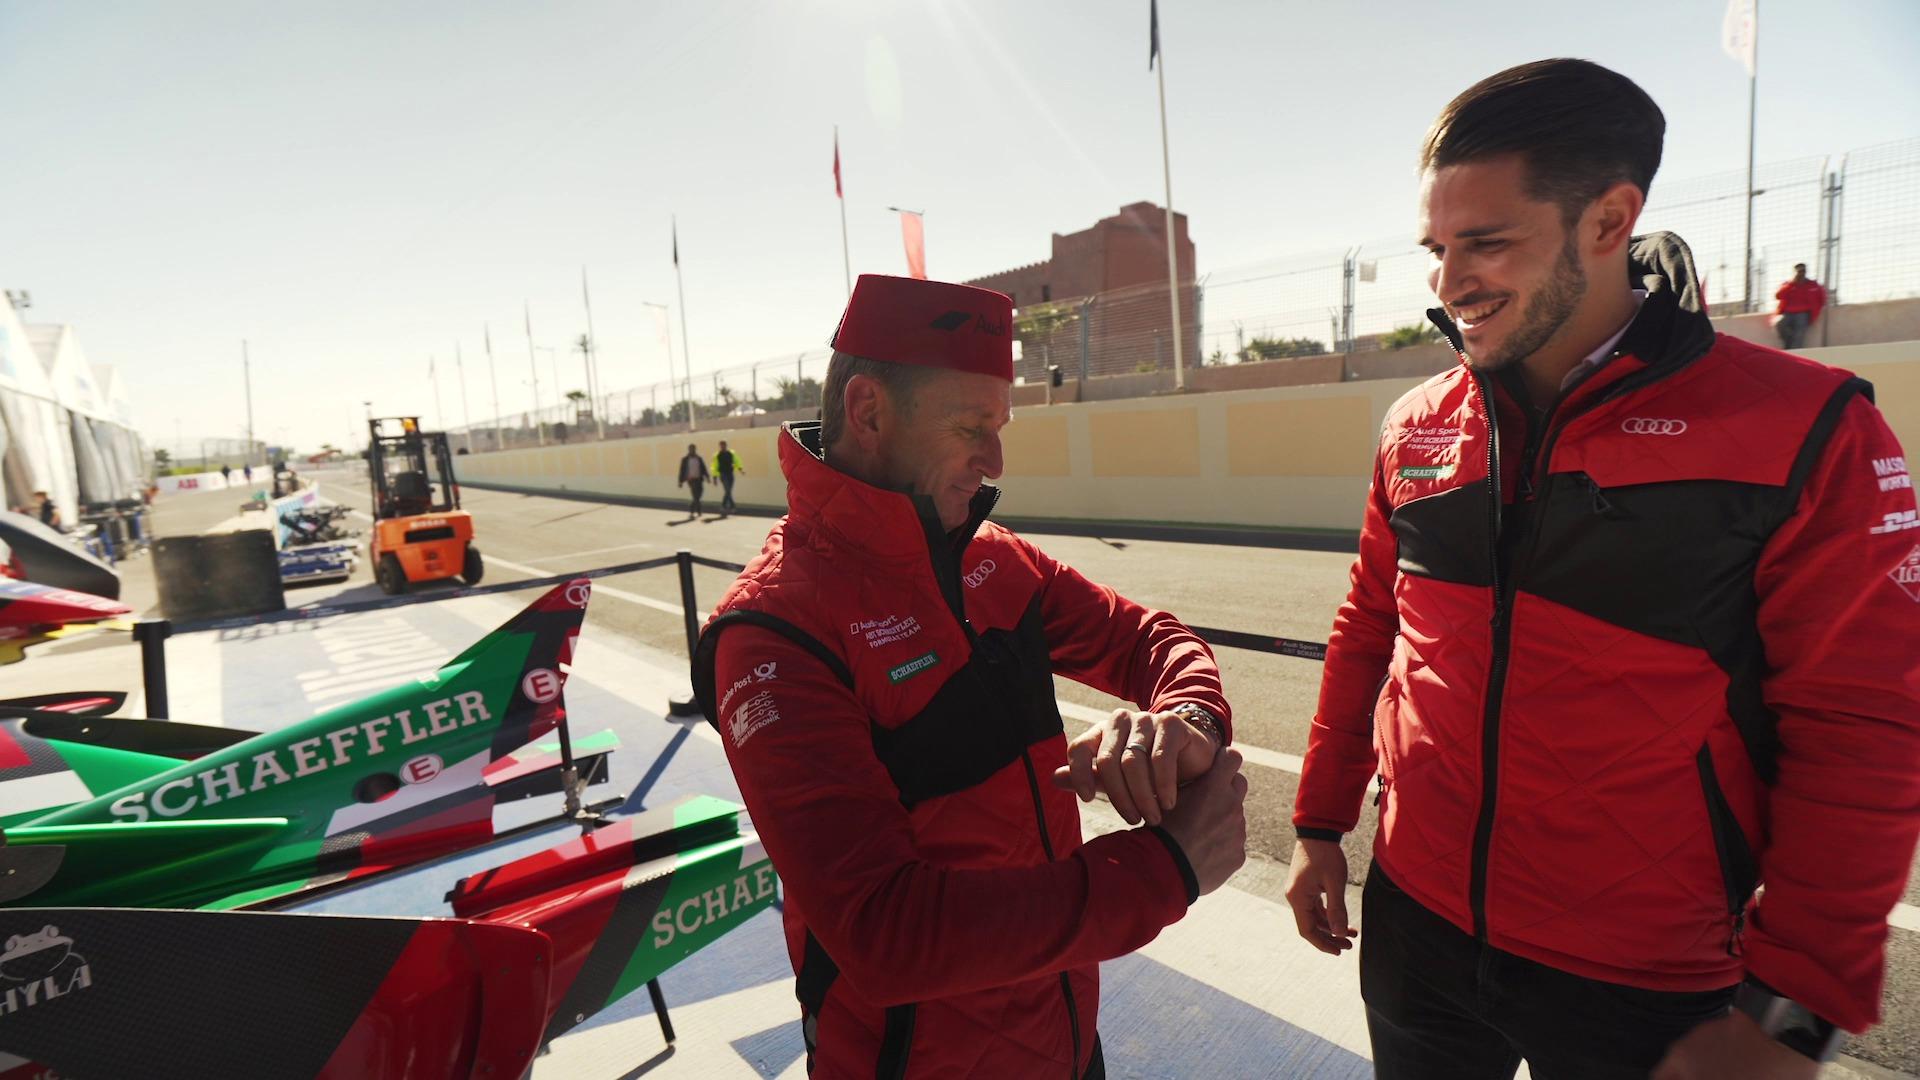 Willkommen in Marrakesch: Shopping für den Teamchef